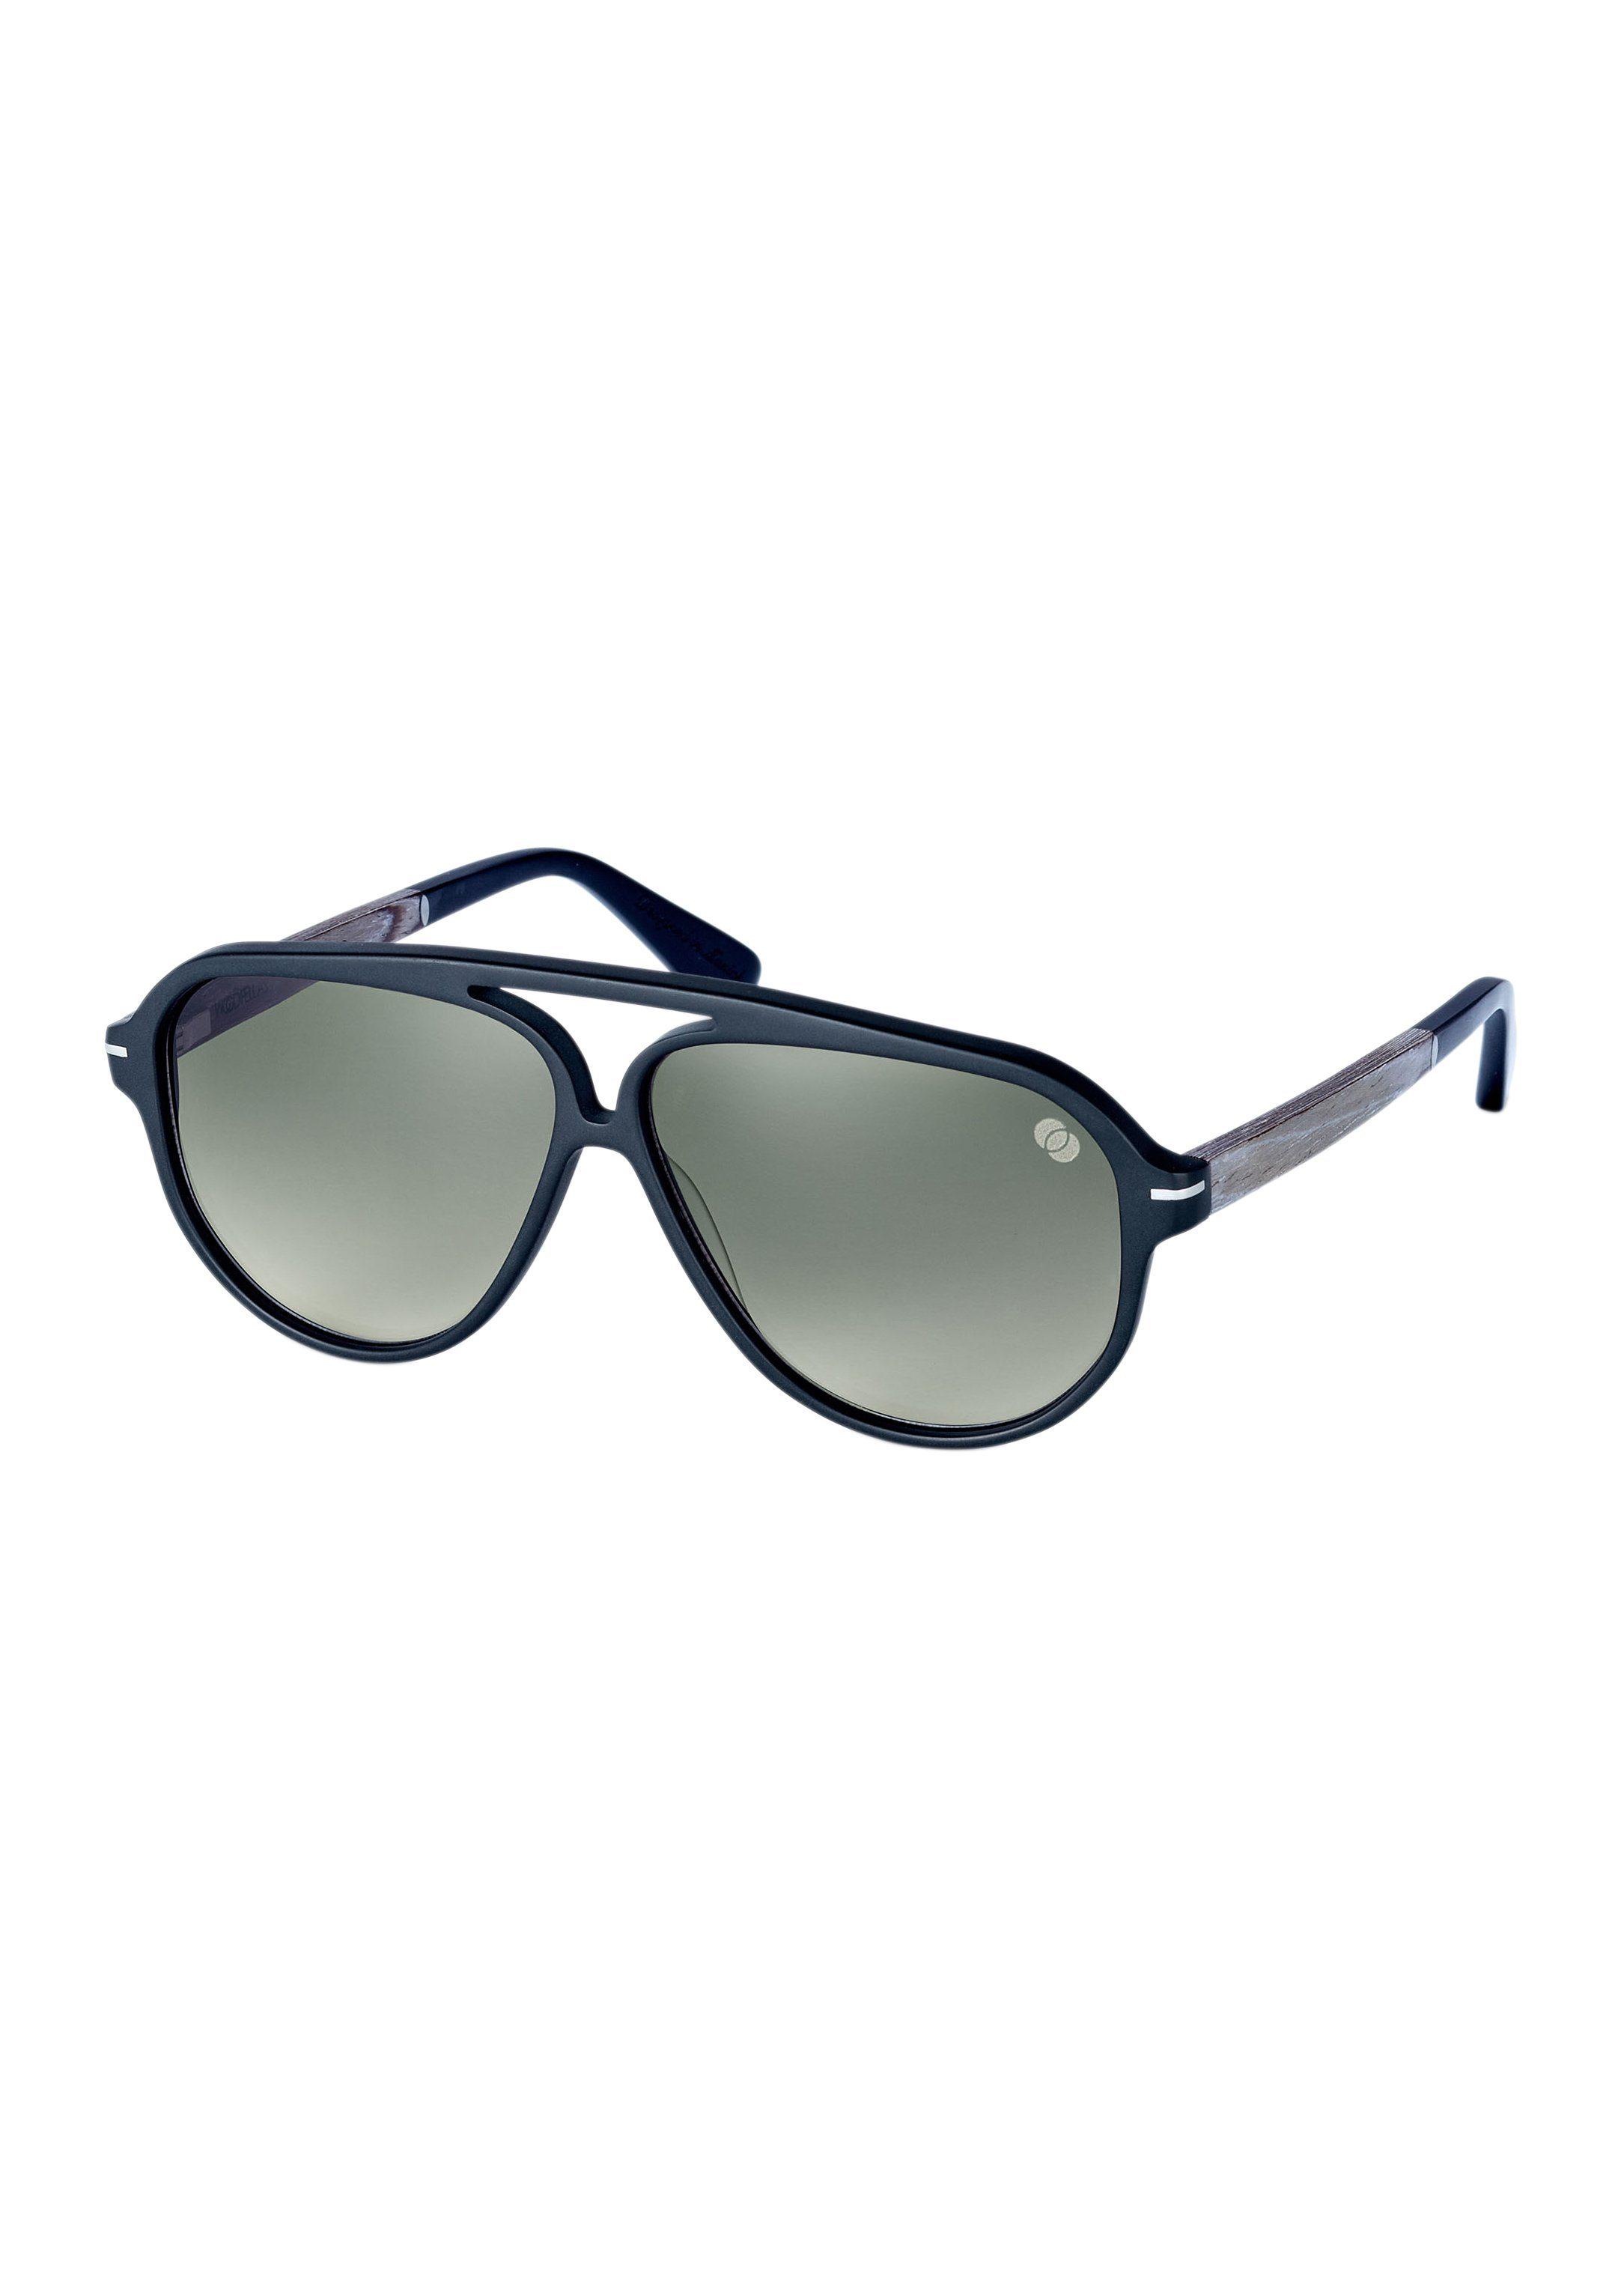 WOOD FELLAS Sonnenbrille Herren mit Bügel aus Edelholz | Accessoires > Sonnenbrillen > Sonstige Sonnenbrillen | Wood Fellas